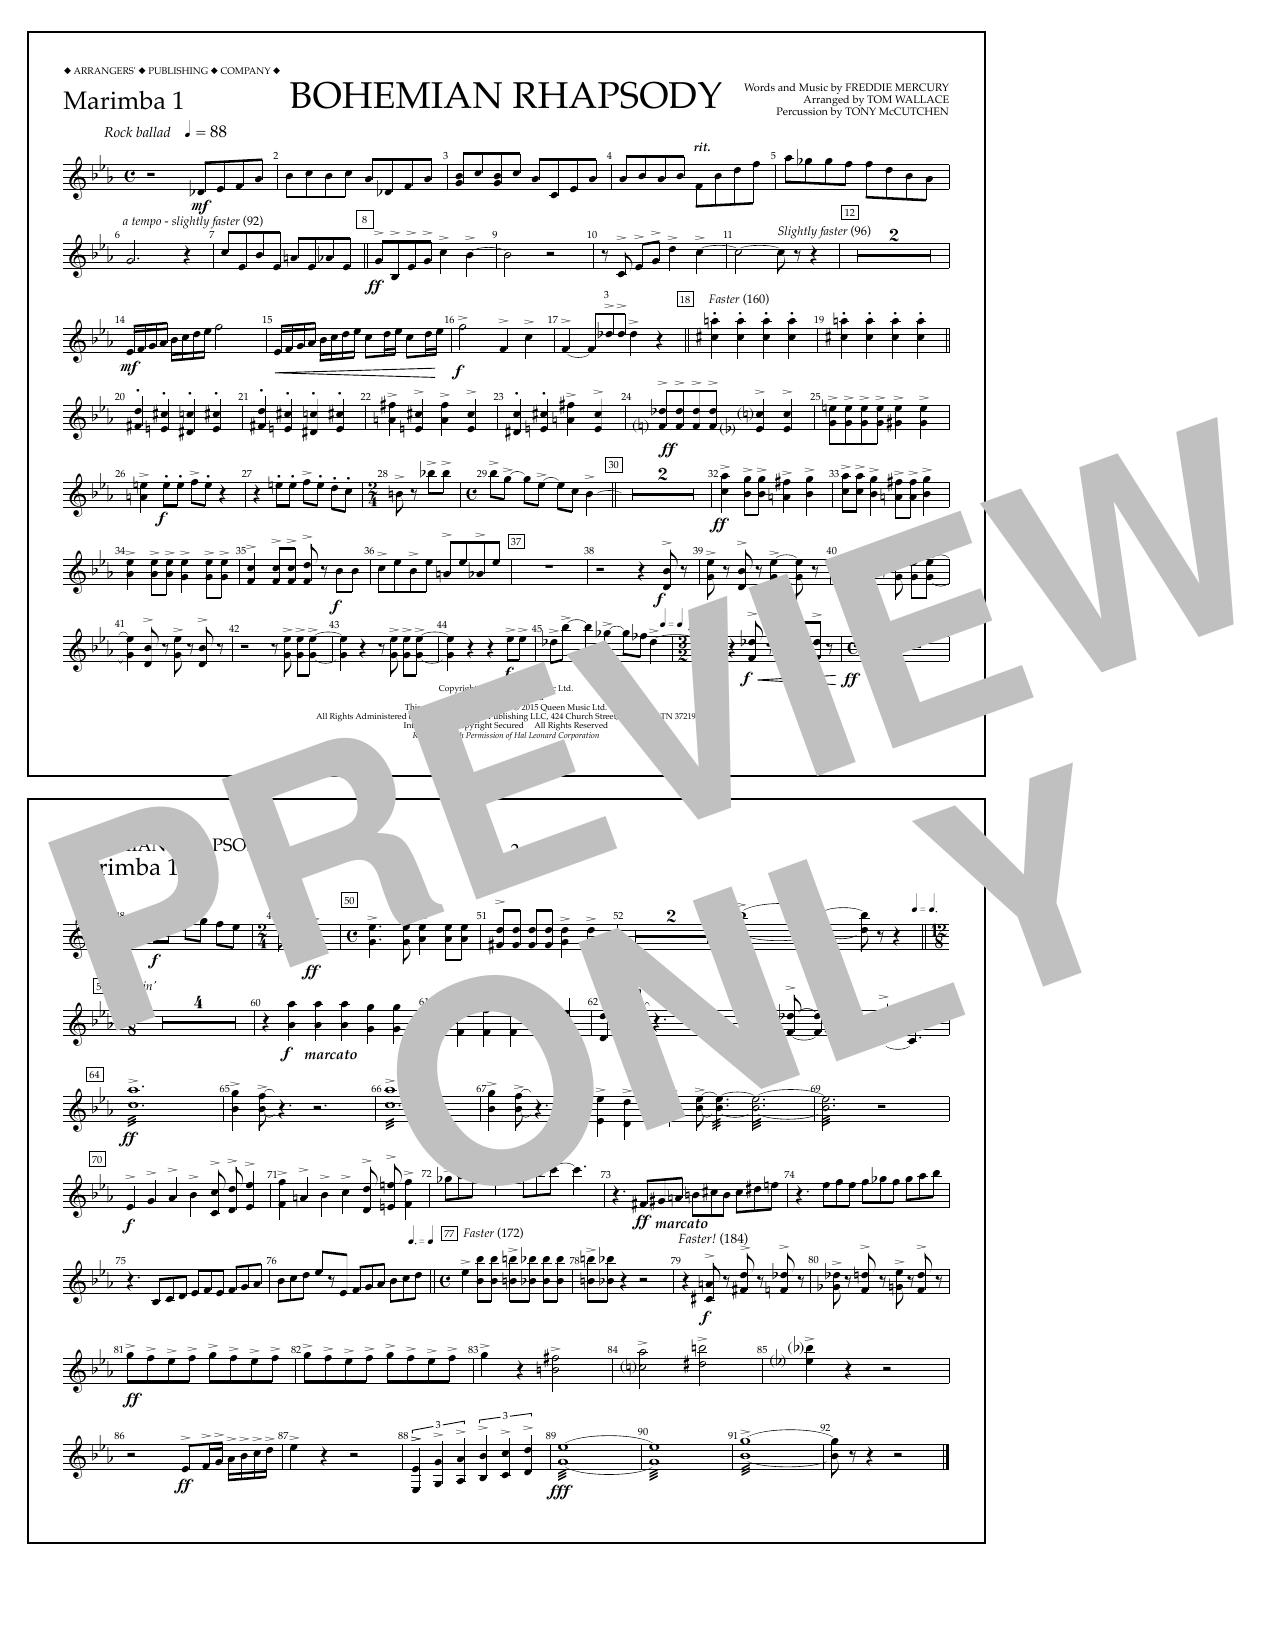 Bohemian Rhapsody - Marimba 1 (Marching Band)